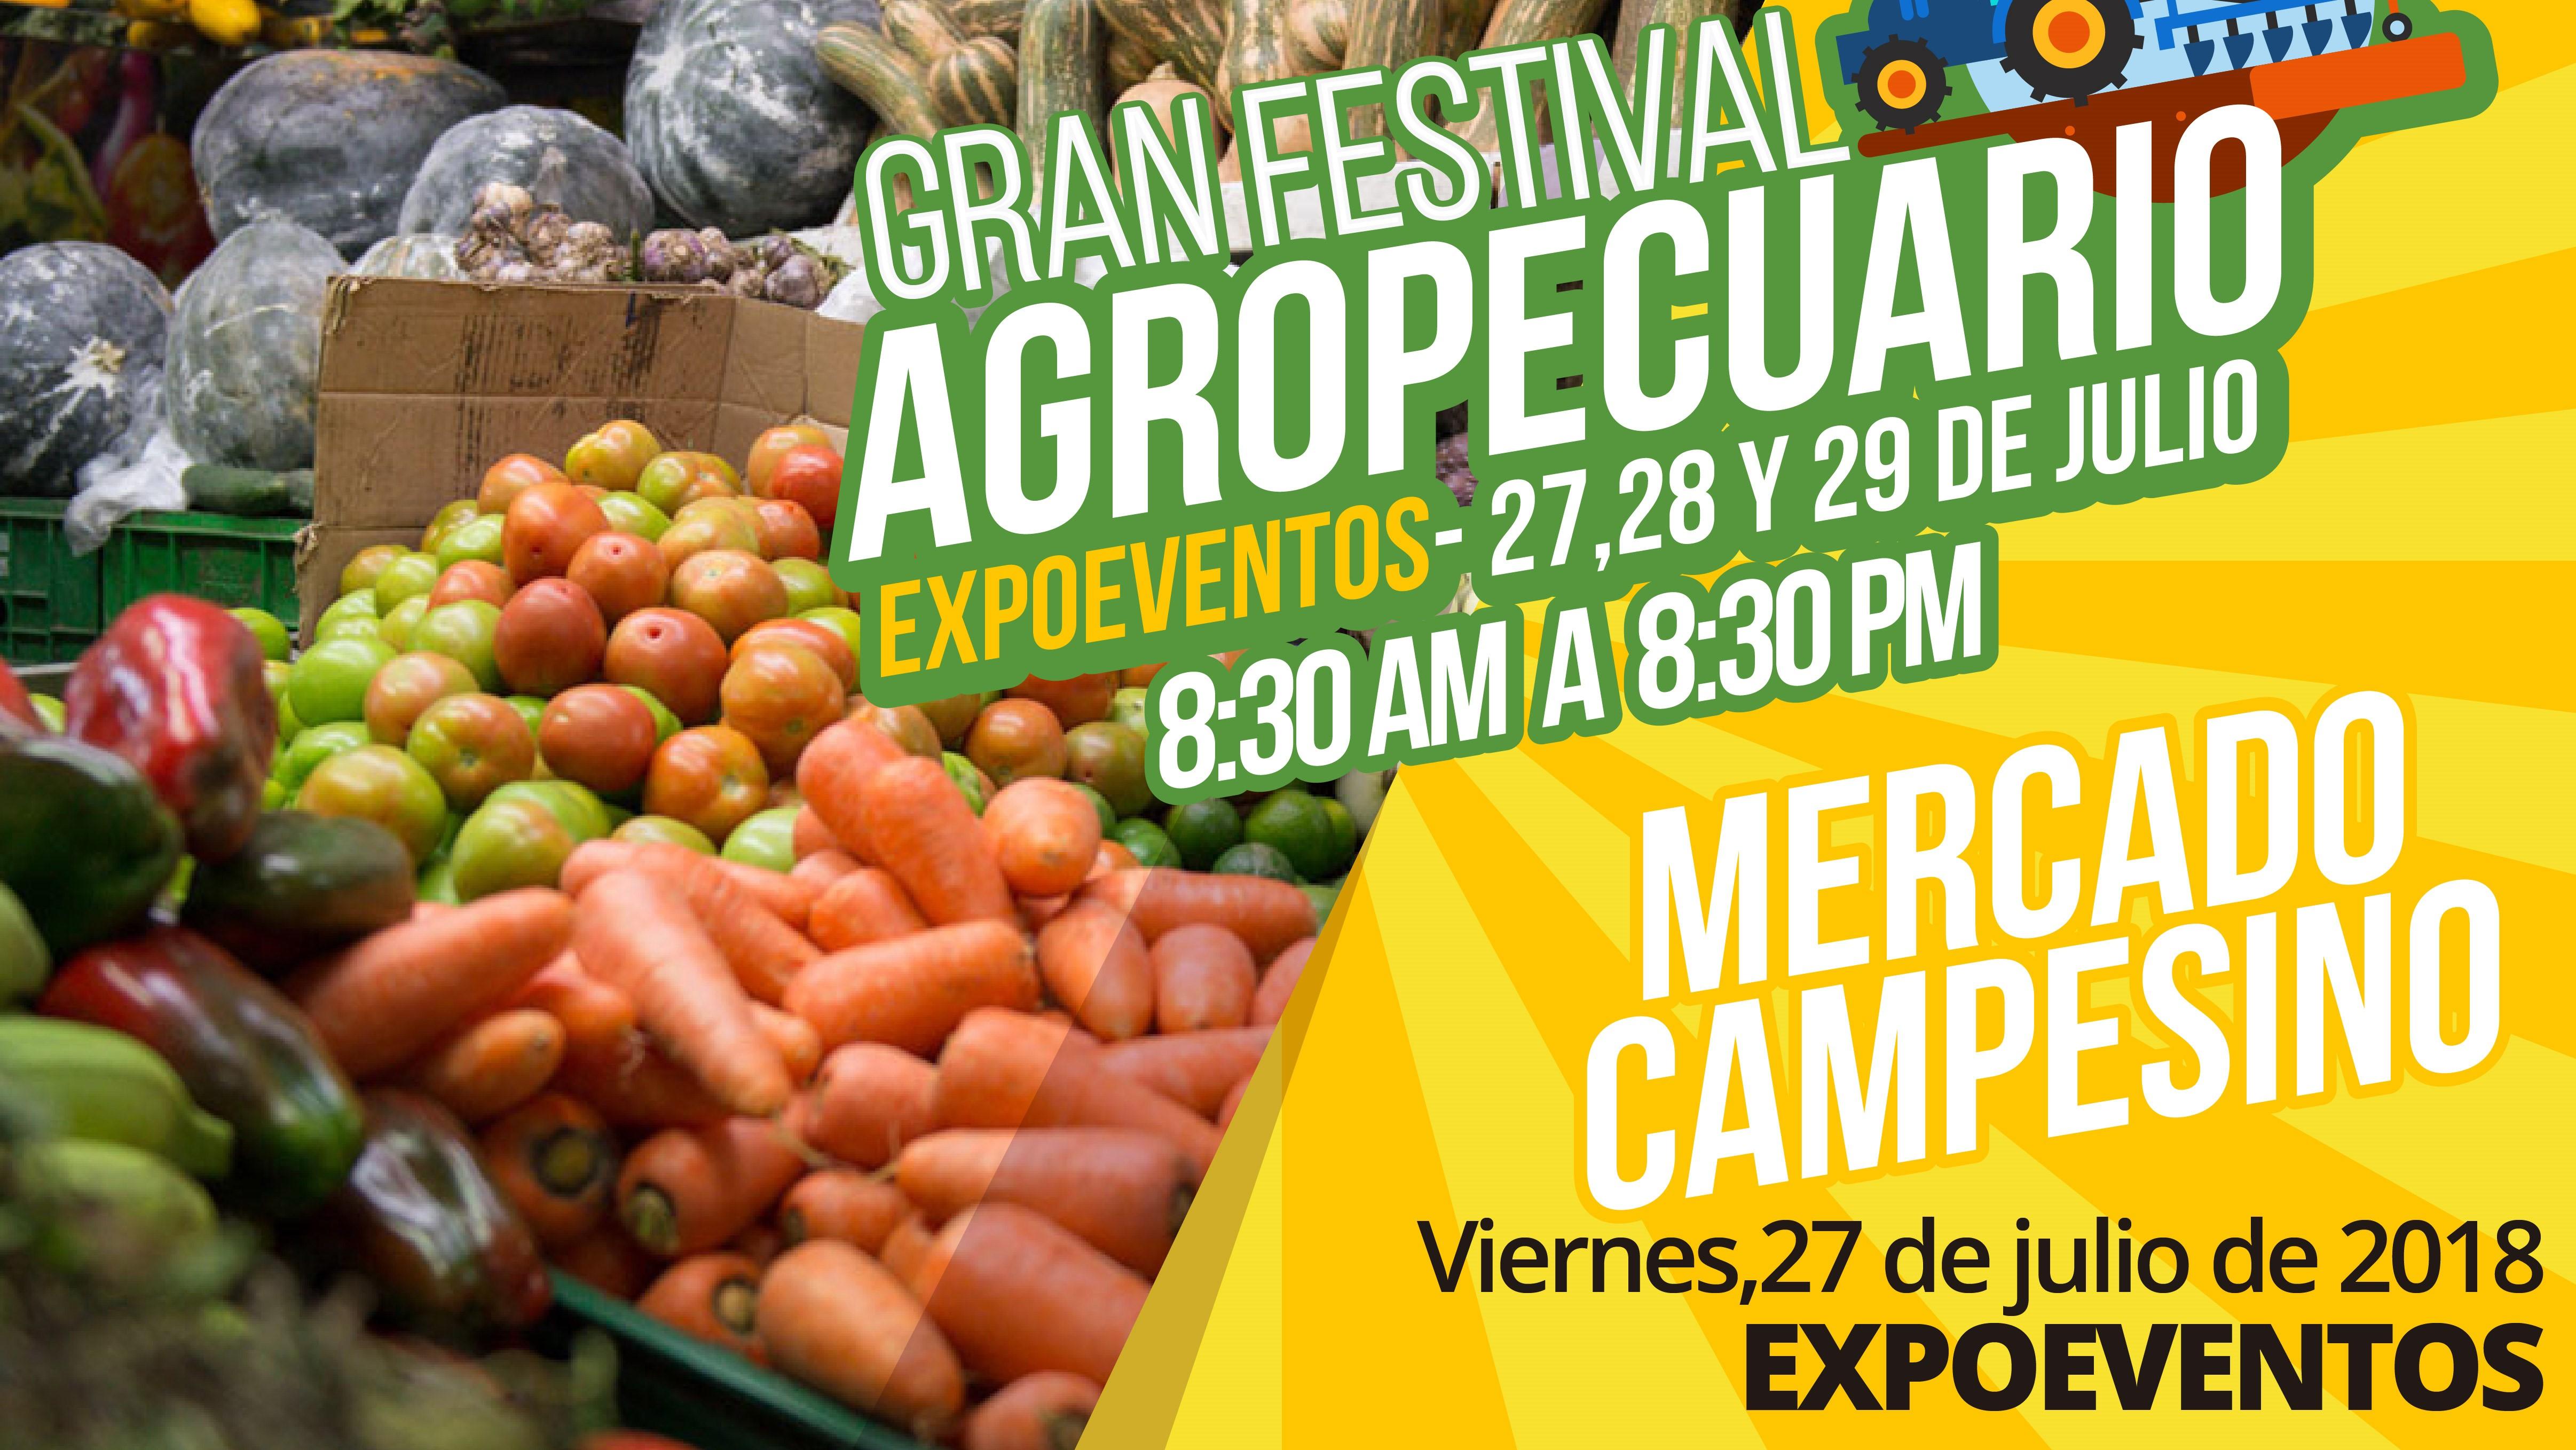 Disfruta del Mercado Campesino en el Festival Agropecuario